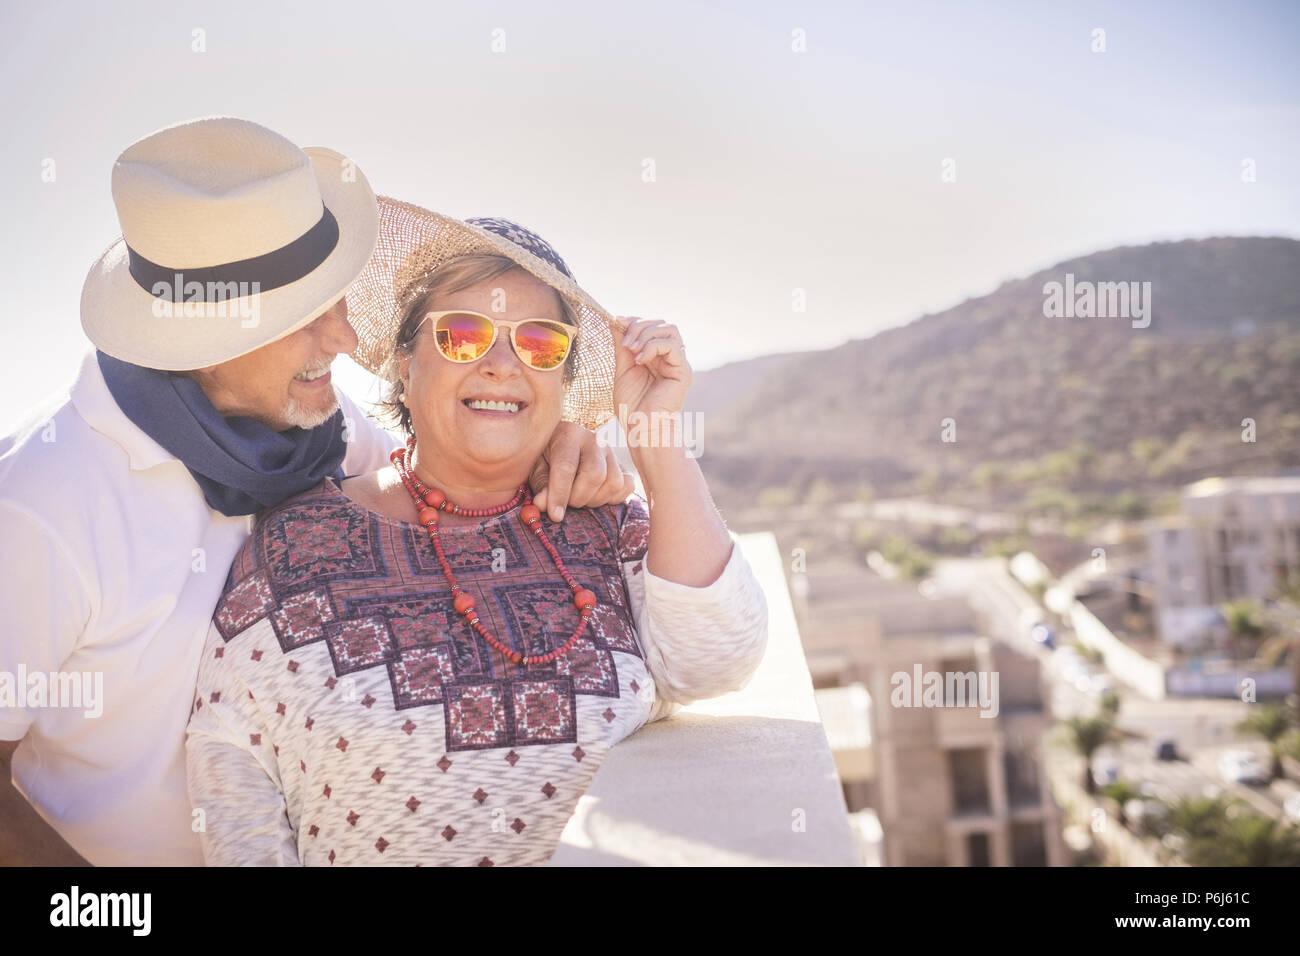 Beau couple de personnes âgées senior personnes adultes de sourire et de profiter de temps de loisirs piscine en plein air en été. Terrasse sur le toit avec bâtiments dans le bâtime Photo Stock